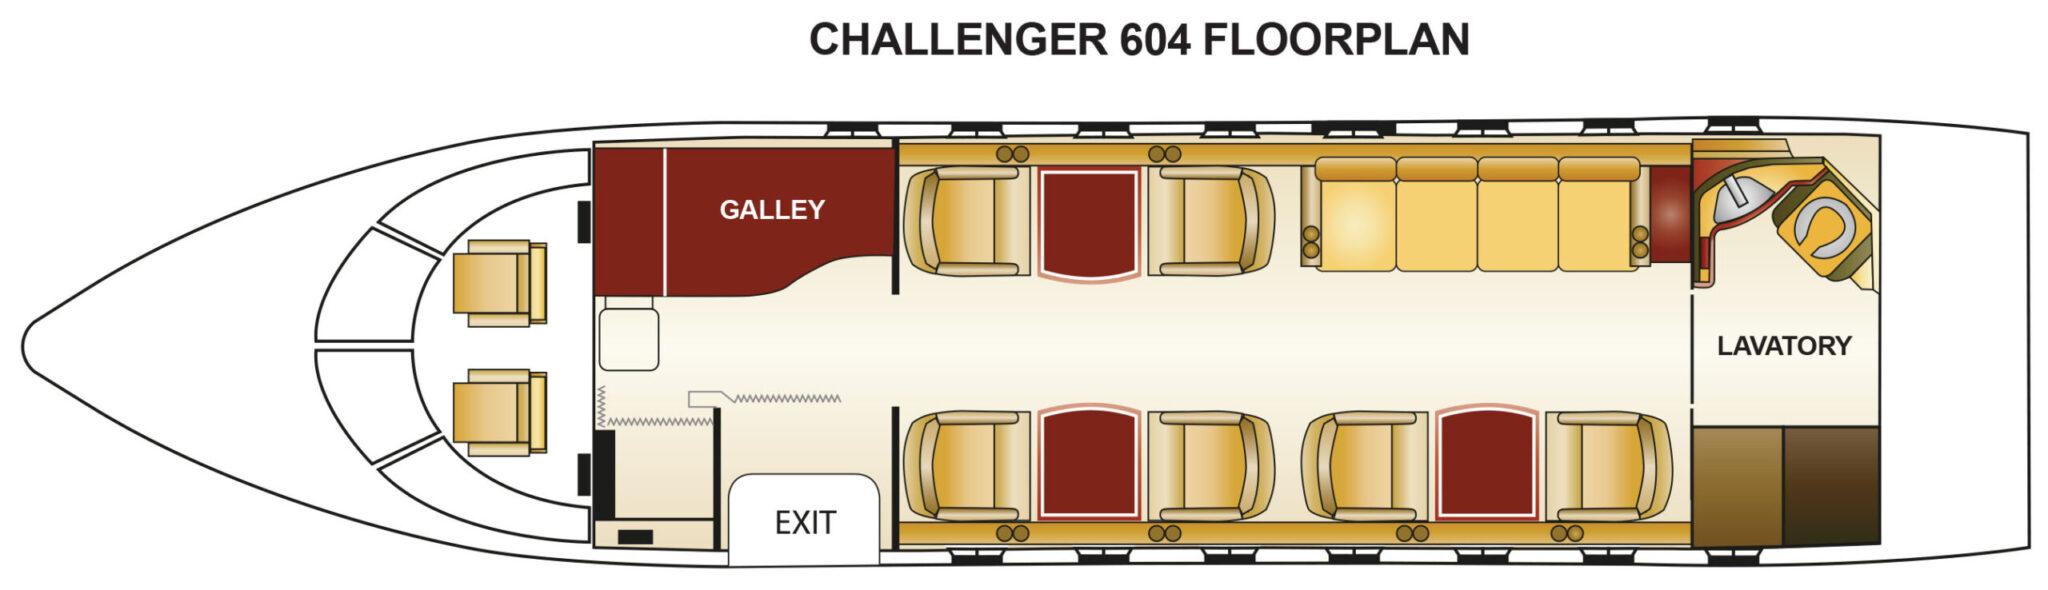 Challenger 604 Floorplan N495DD